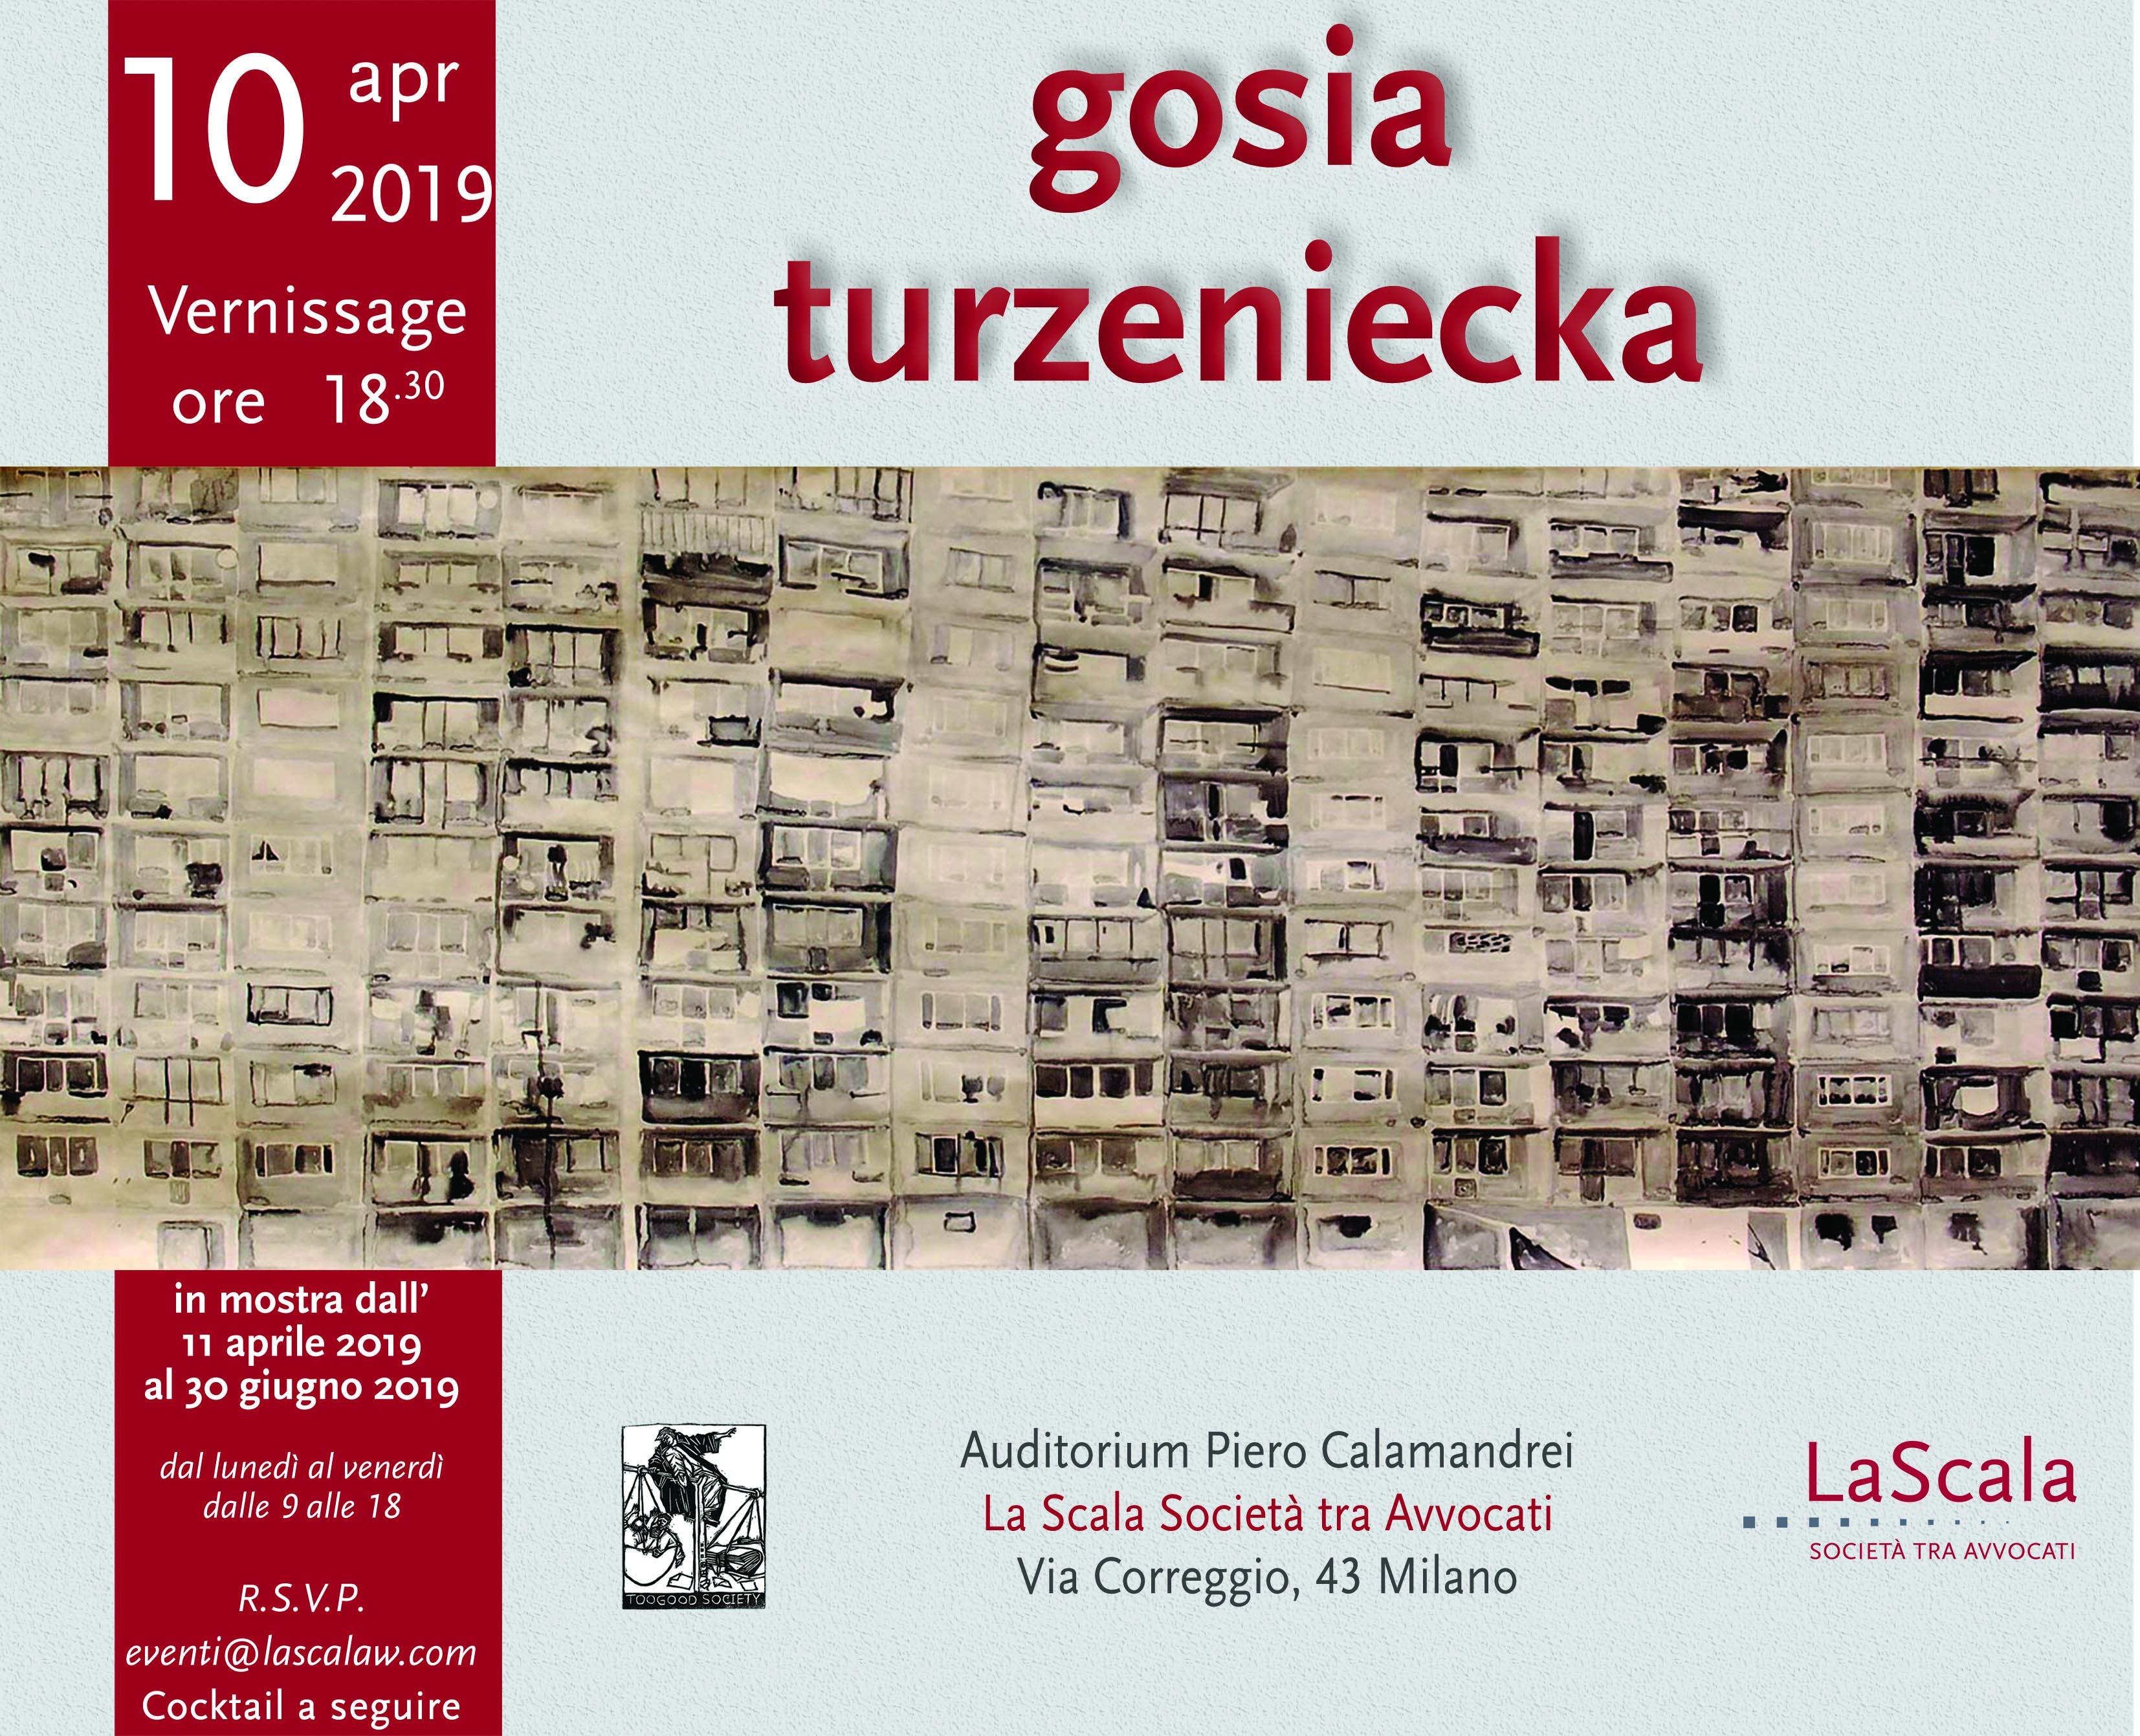 Il vernissage si terrà mercoledì 10 aprile alle ore 18.30, presso l'Auditorium Piero Calamandrei di La Scala Società tra Avvocati